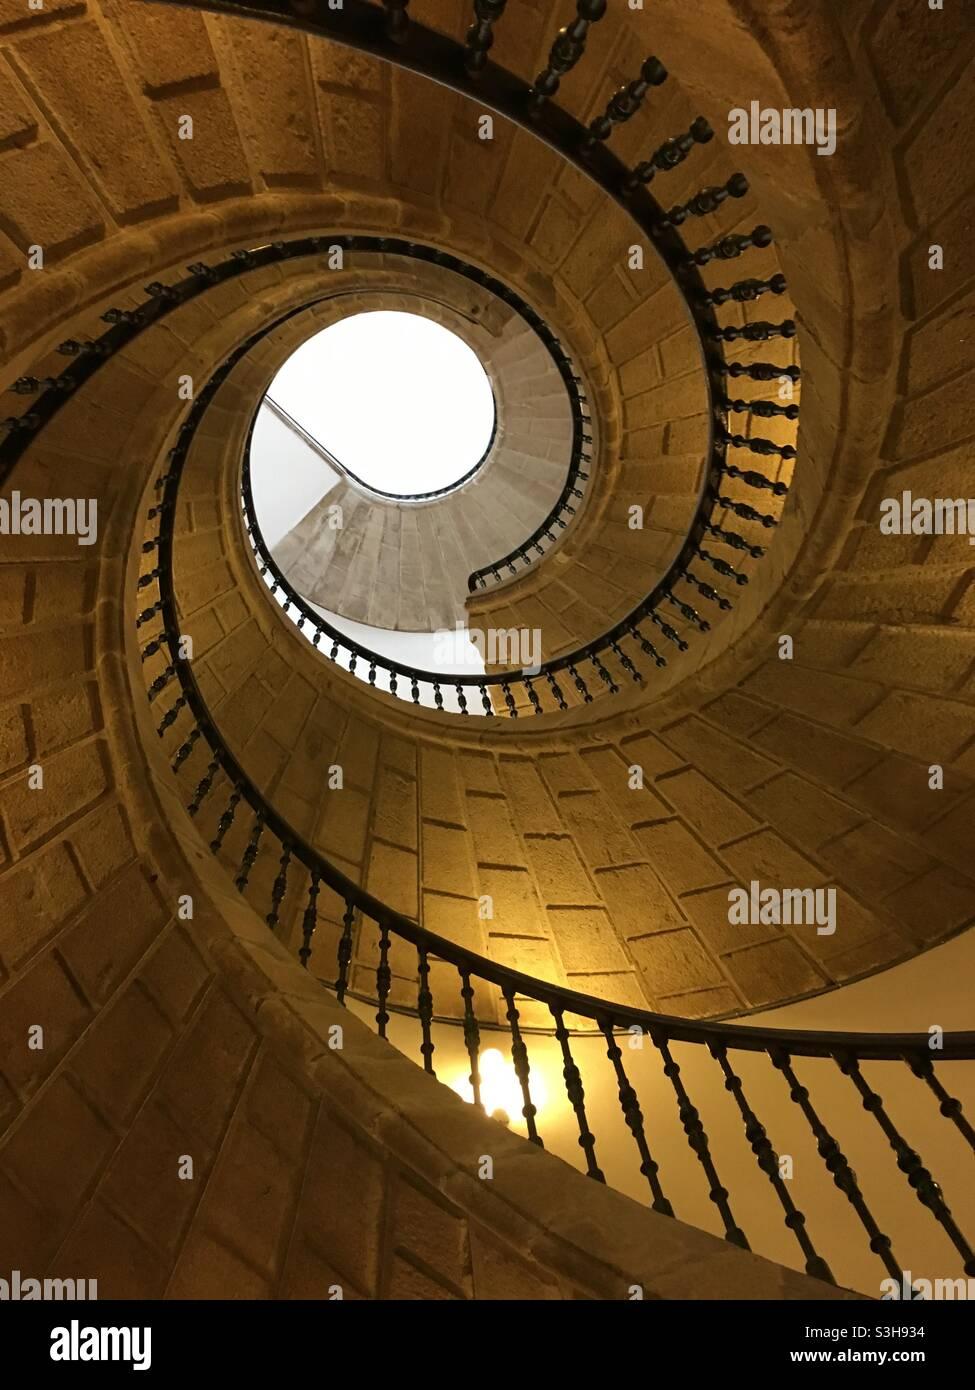 Scala a chiocciola, vista direttamente dal basso, Museo del Pueblo Gallego, Santiago de Compostela, Spagna. Foto Stock